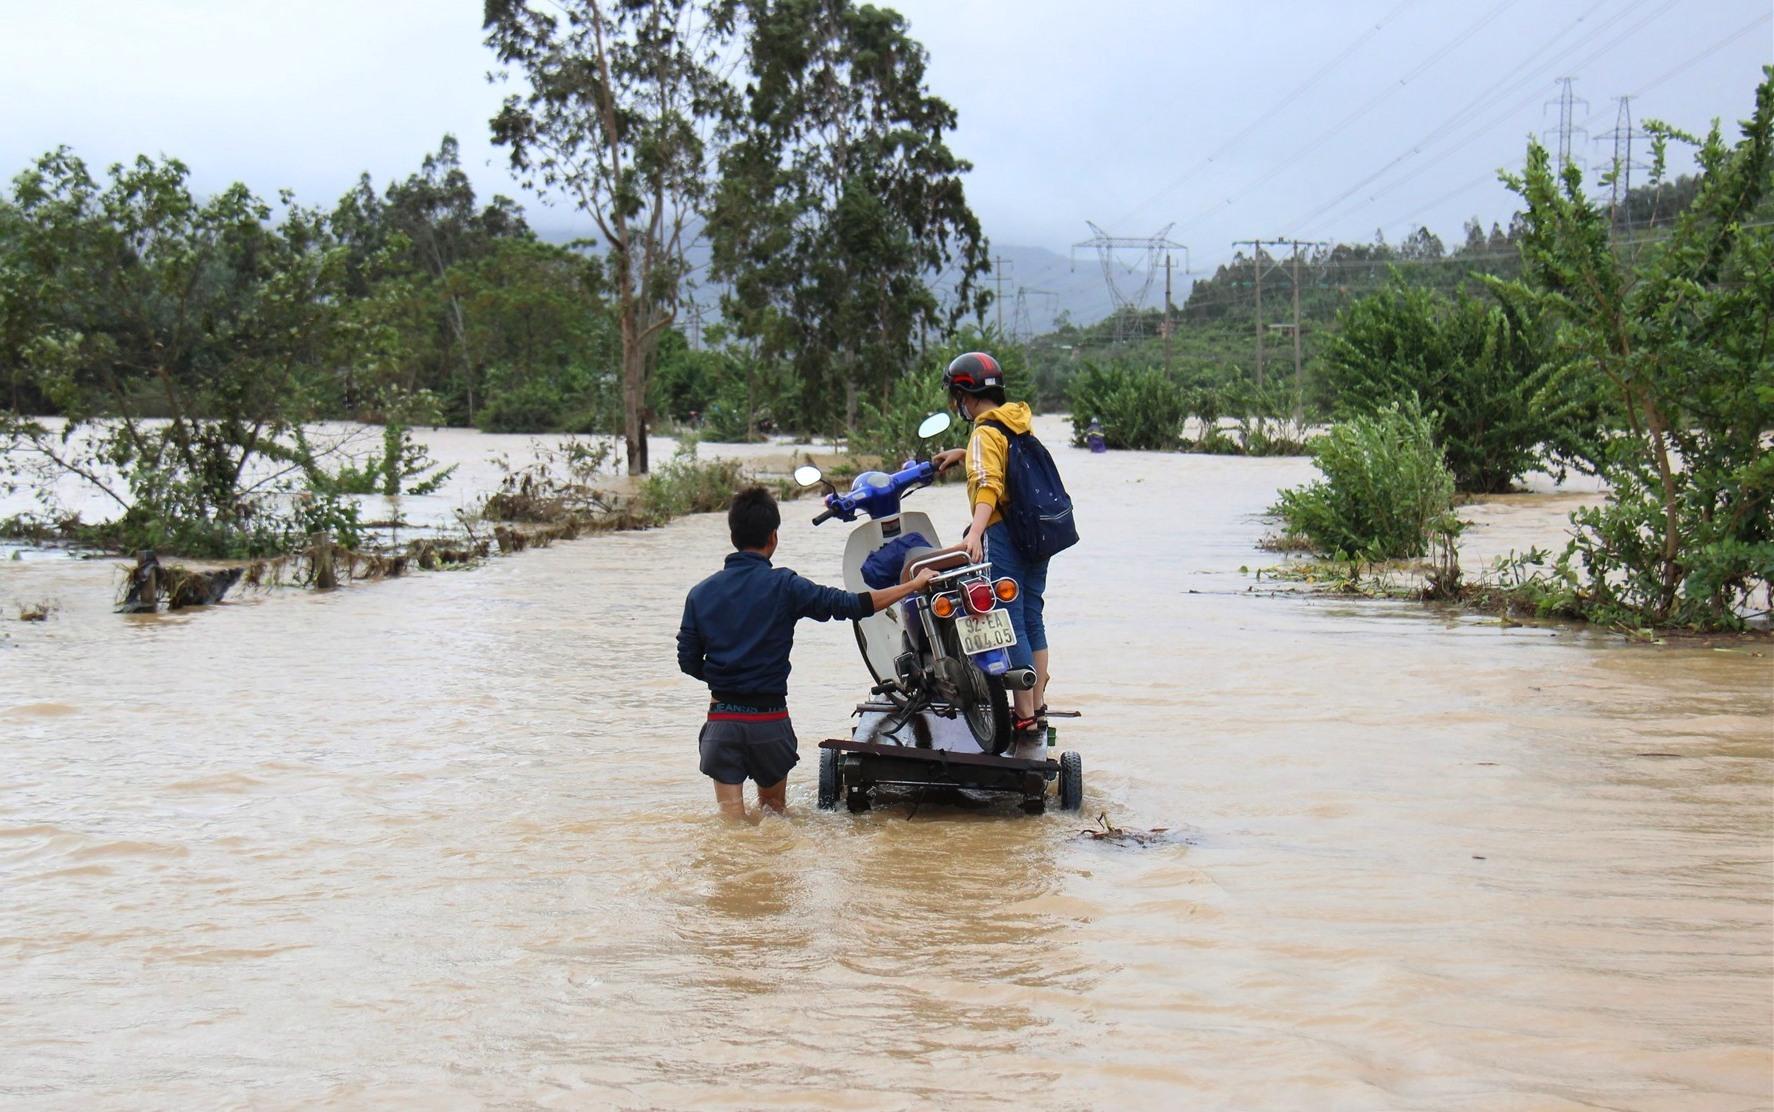 Dùng xe bò vận chuyển xe máy qua dòng nước lũ. Ảnh:H.A